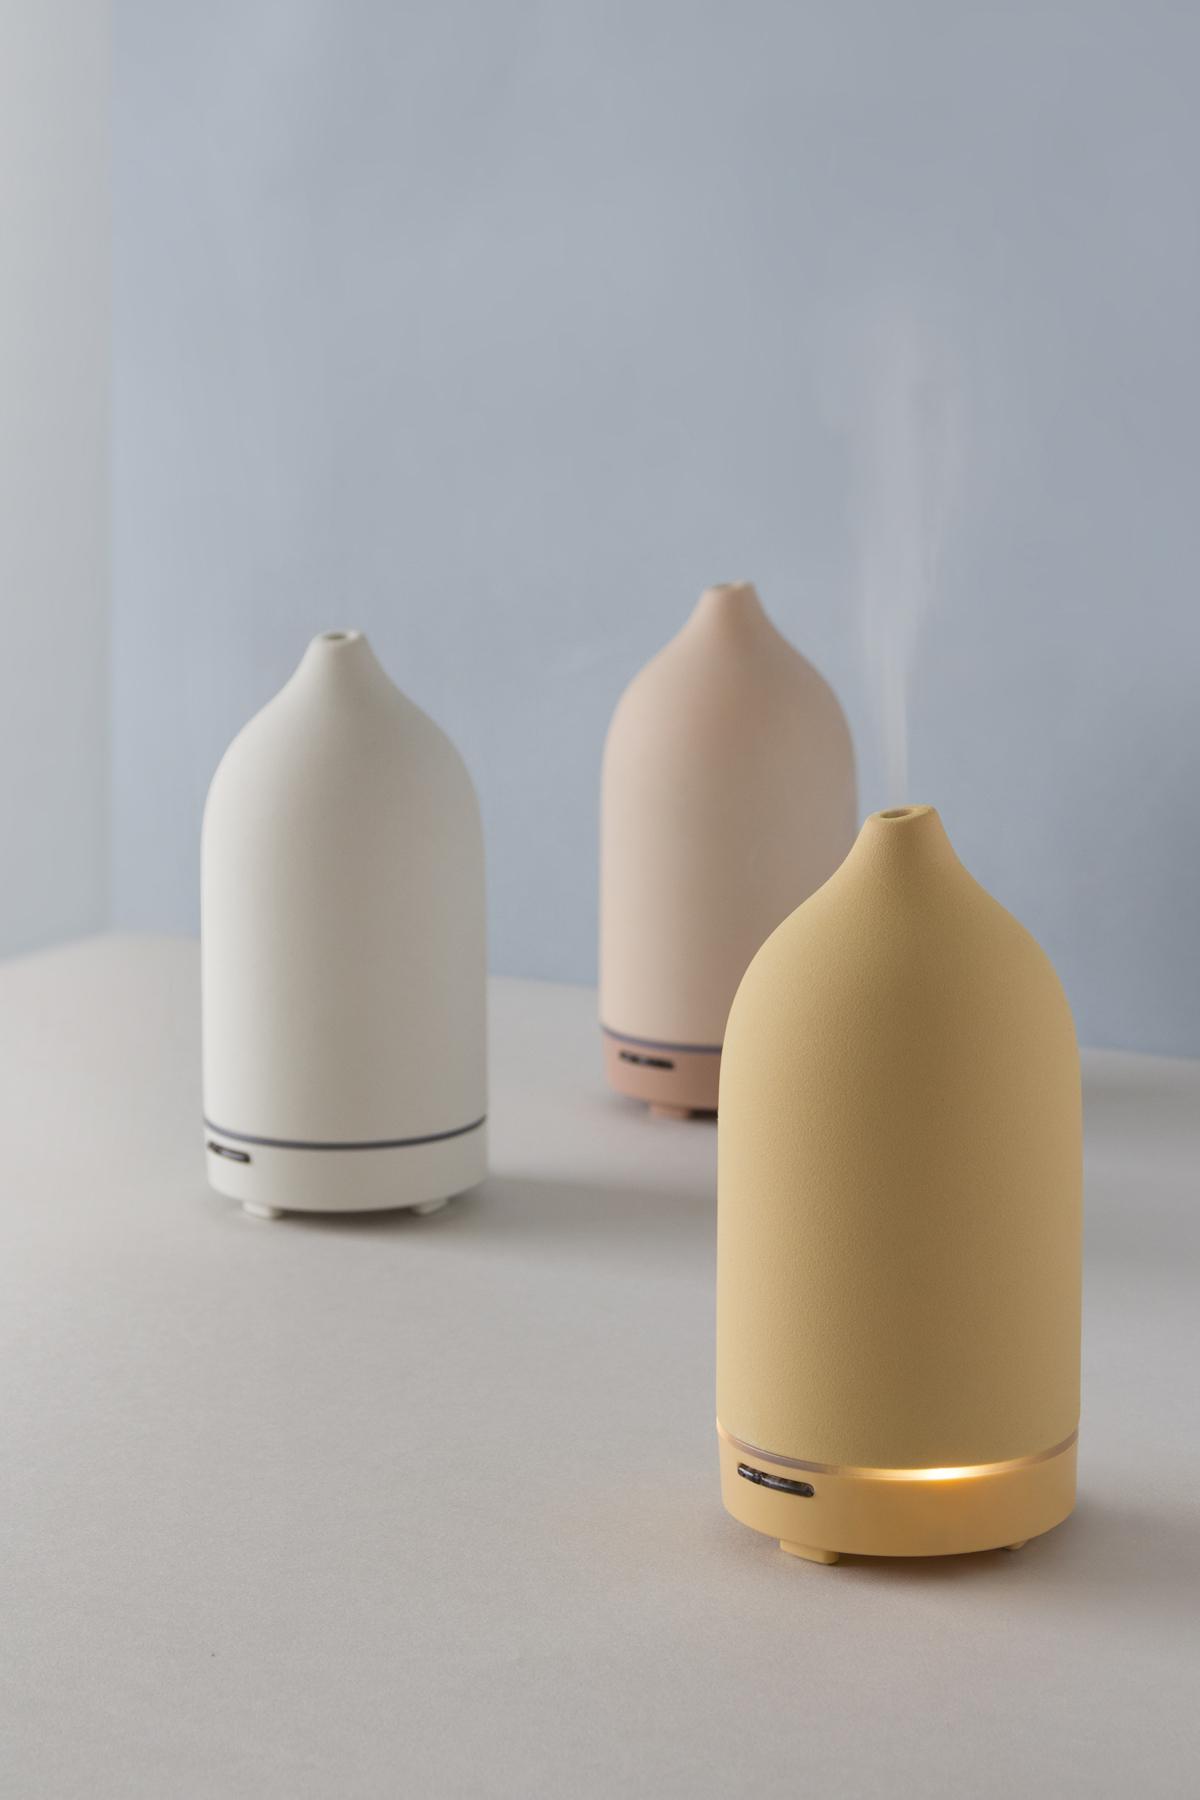 TOAST 開發的香氛線商品,在競爭激烈的家用品品牌中找出獨特方向。